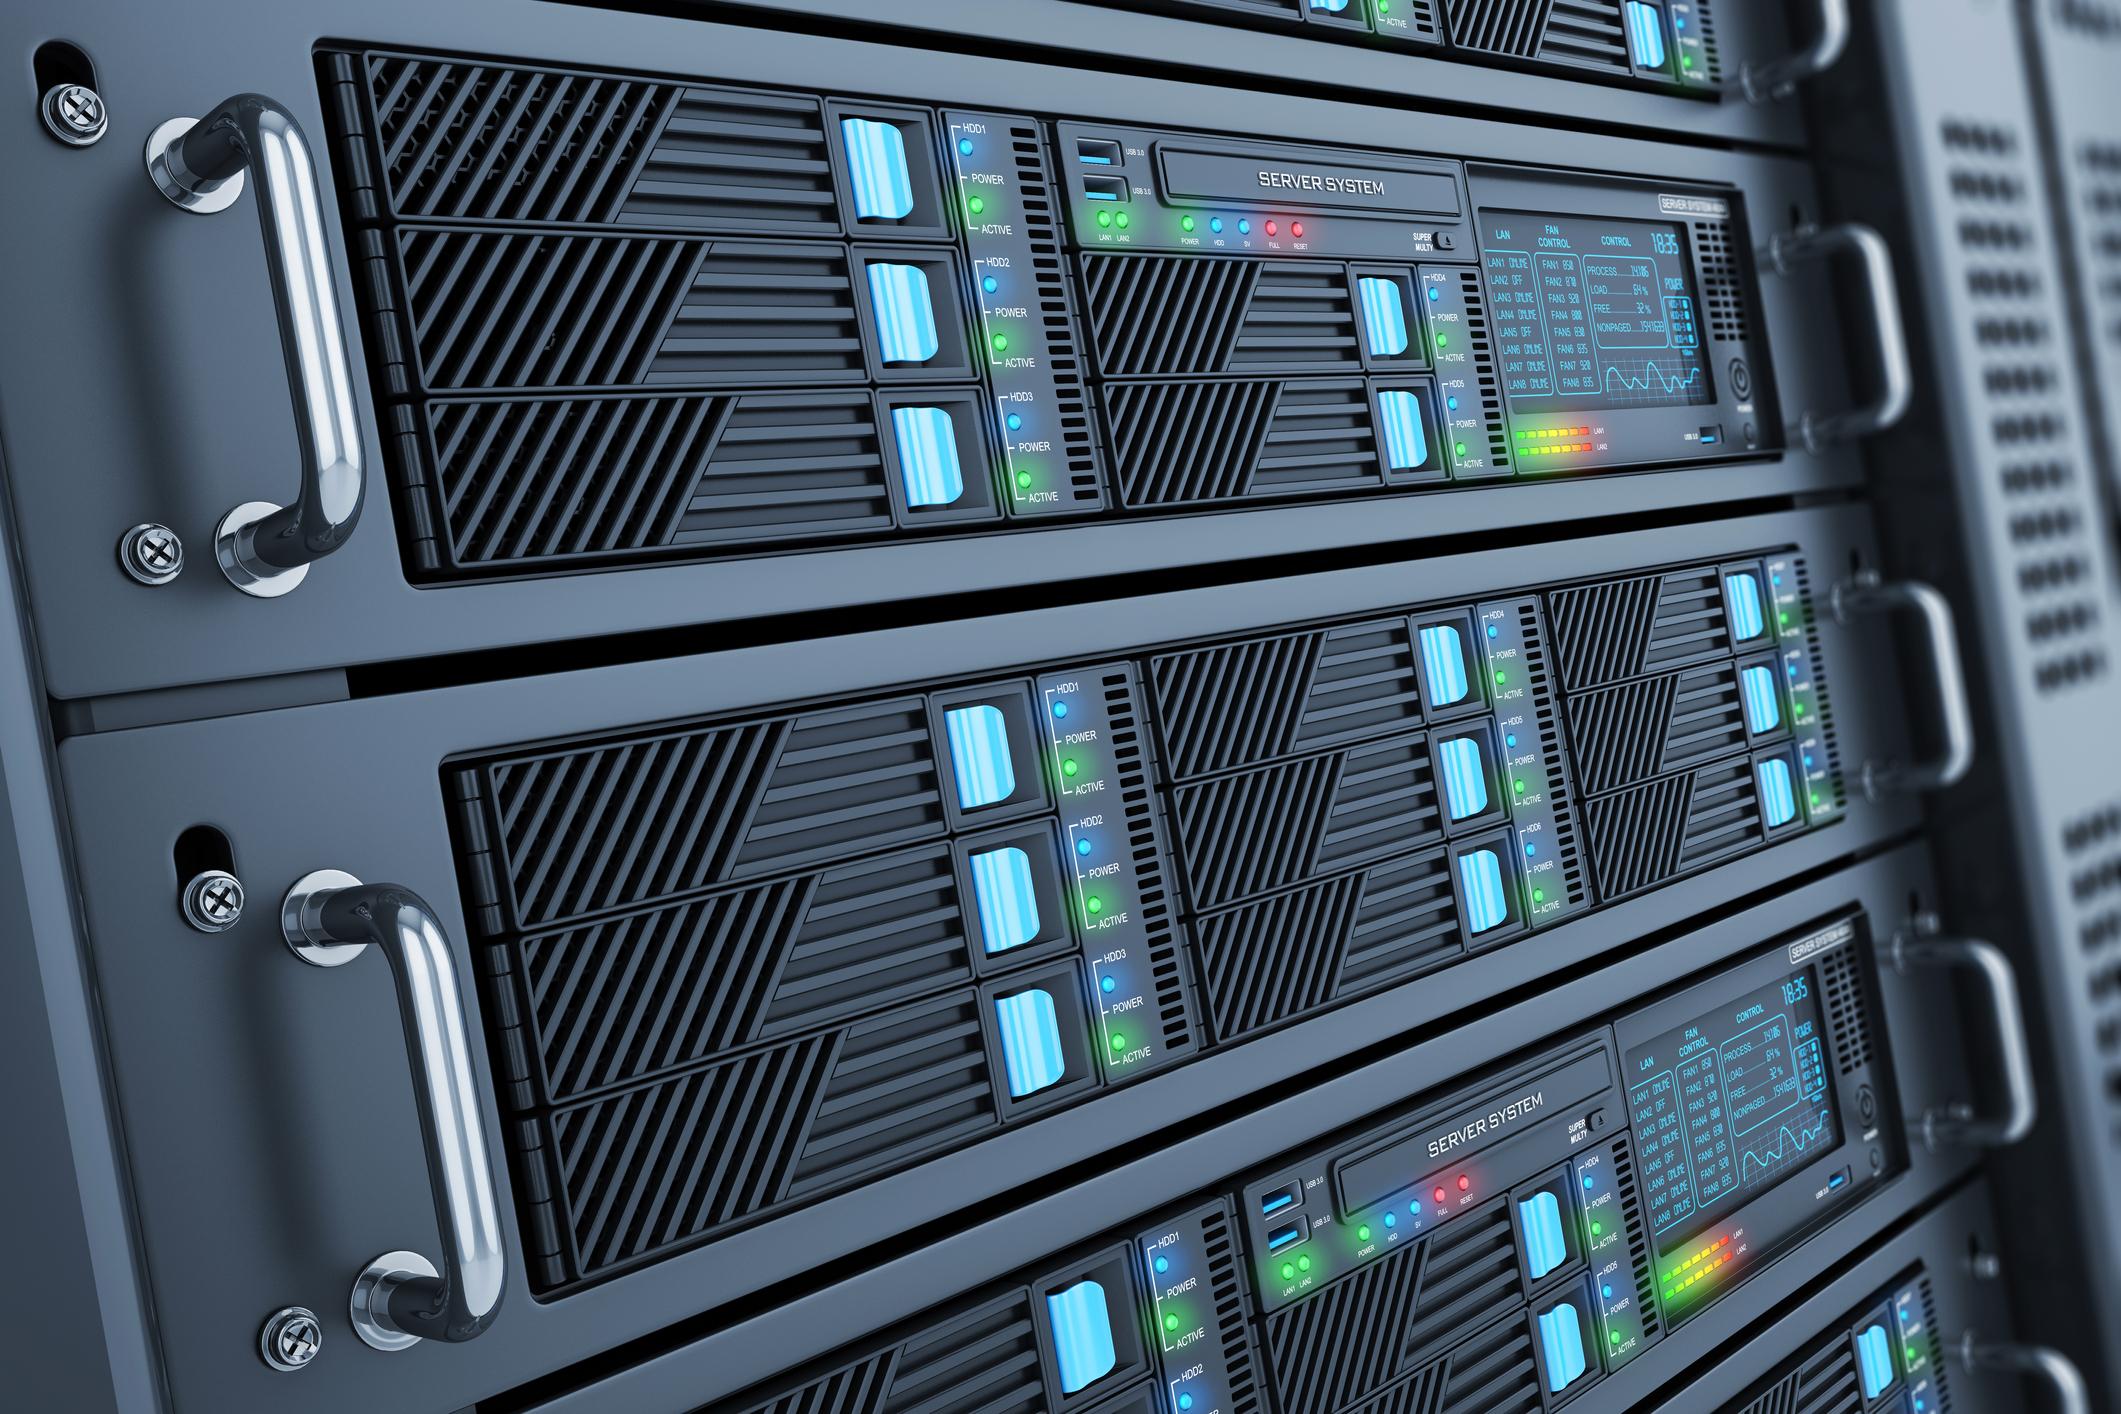 дешевые хостинги серверов ксс